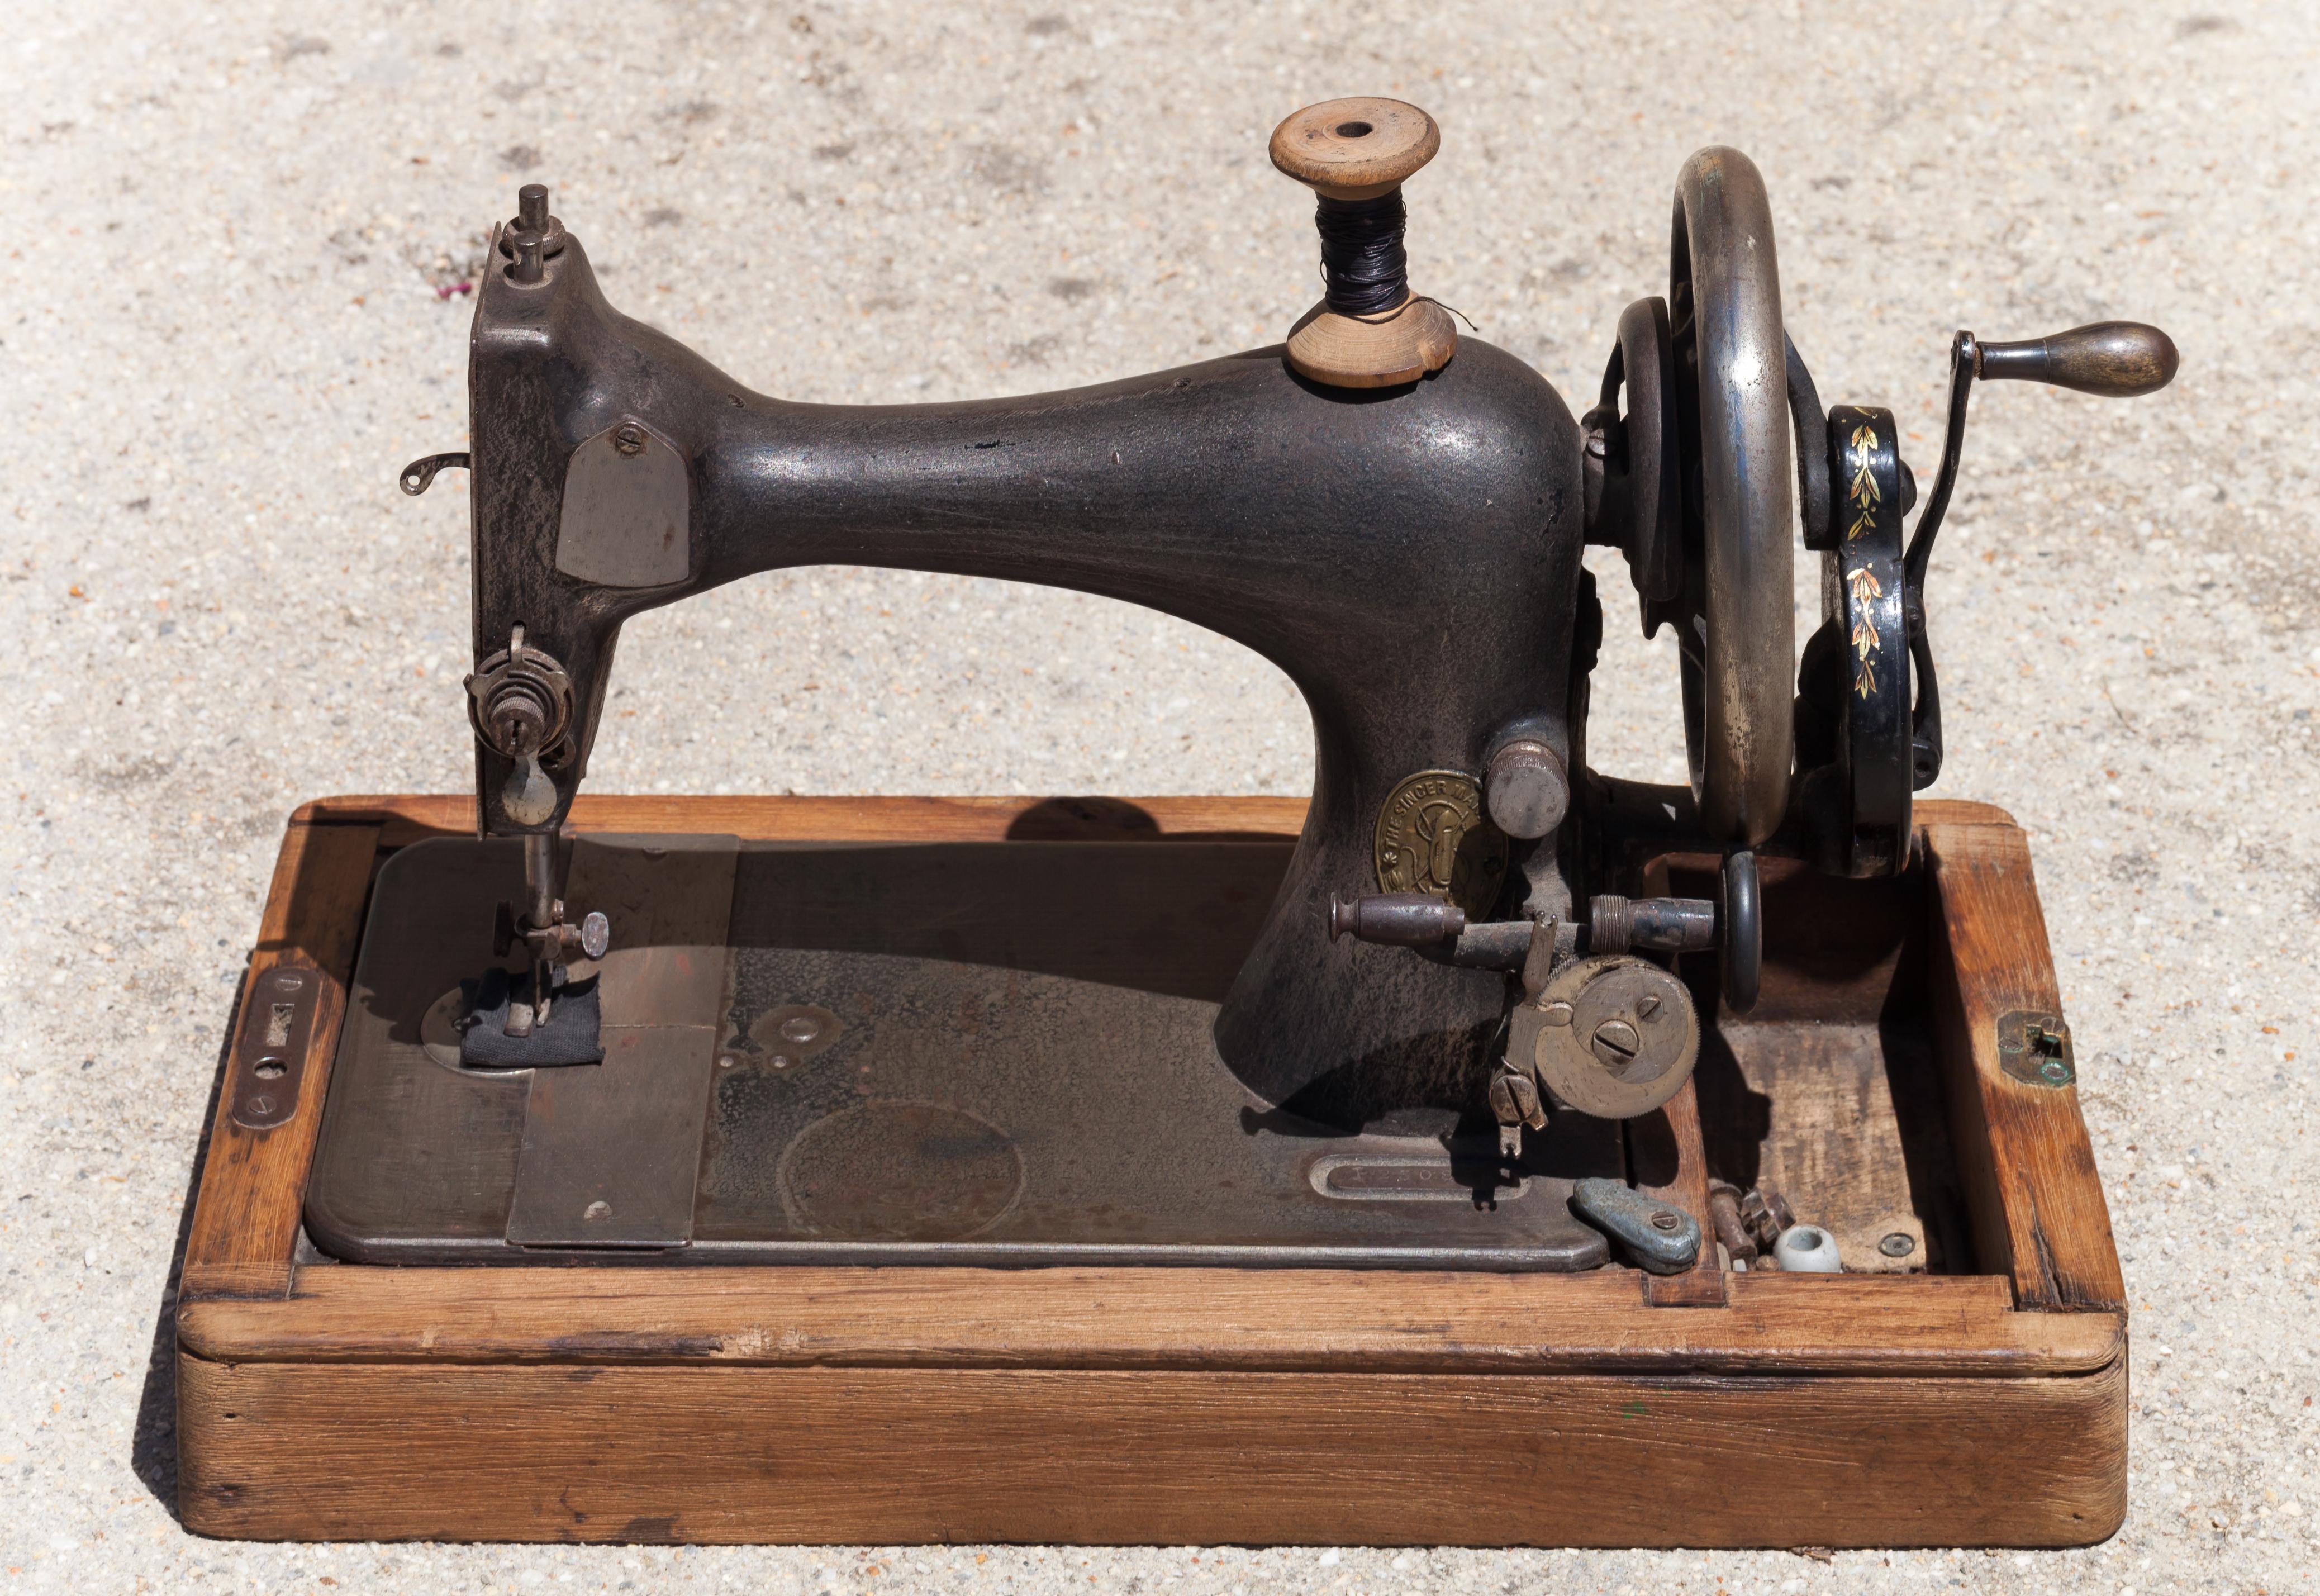 File:2015. Máquina de coser Singer. Sewing machine. Galiza